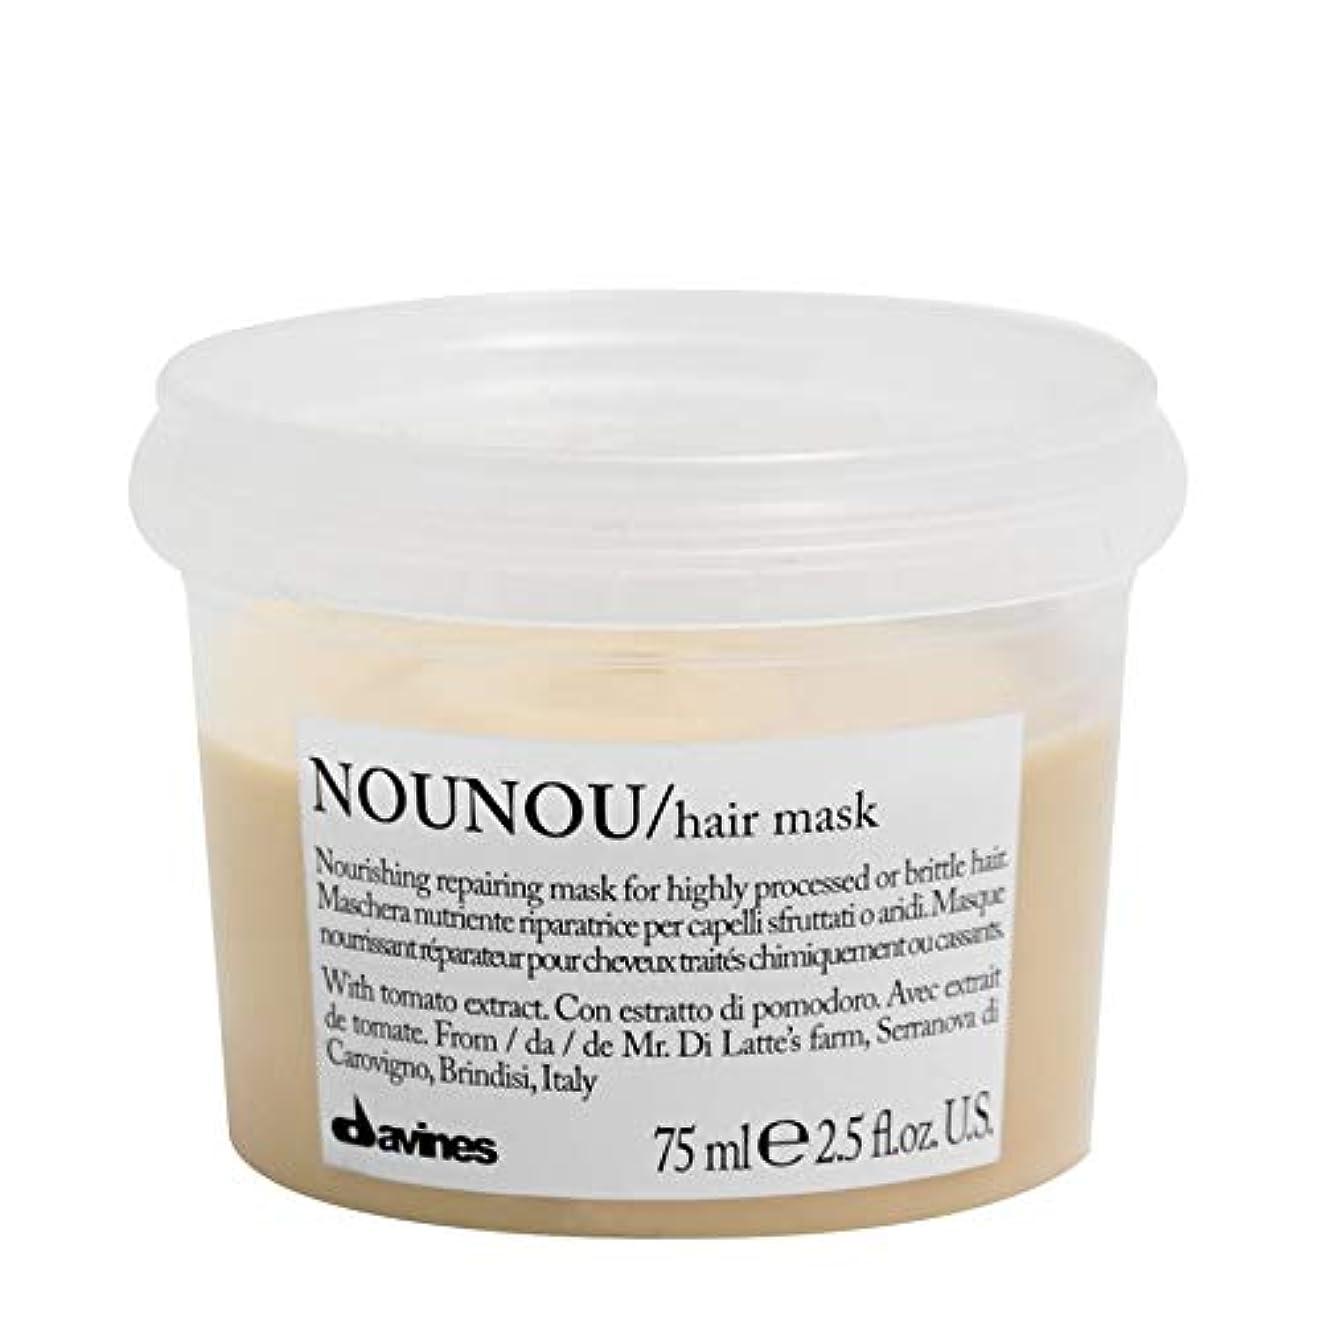 オークランドスポーツの試合を担当している人変形[Davines ] ヘアマスク75ミリリットルノウノウダヴィネス - Davines NouNou Hair Mask 75ml [並行輸入品]